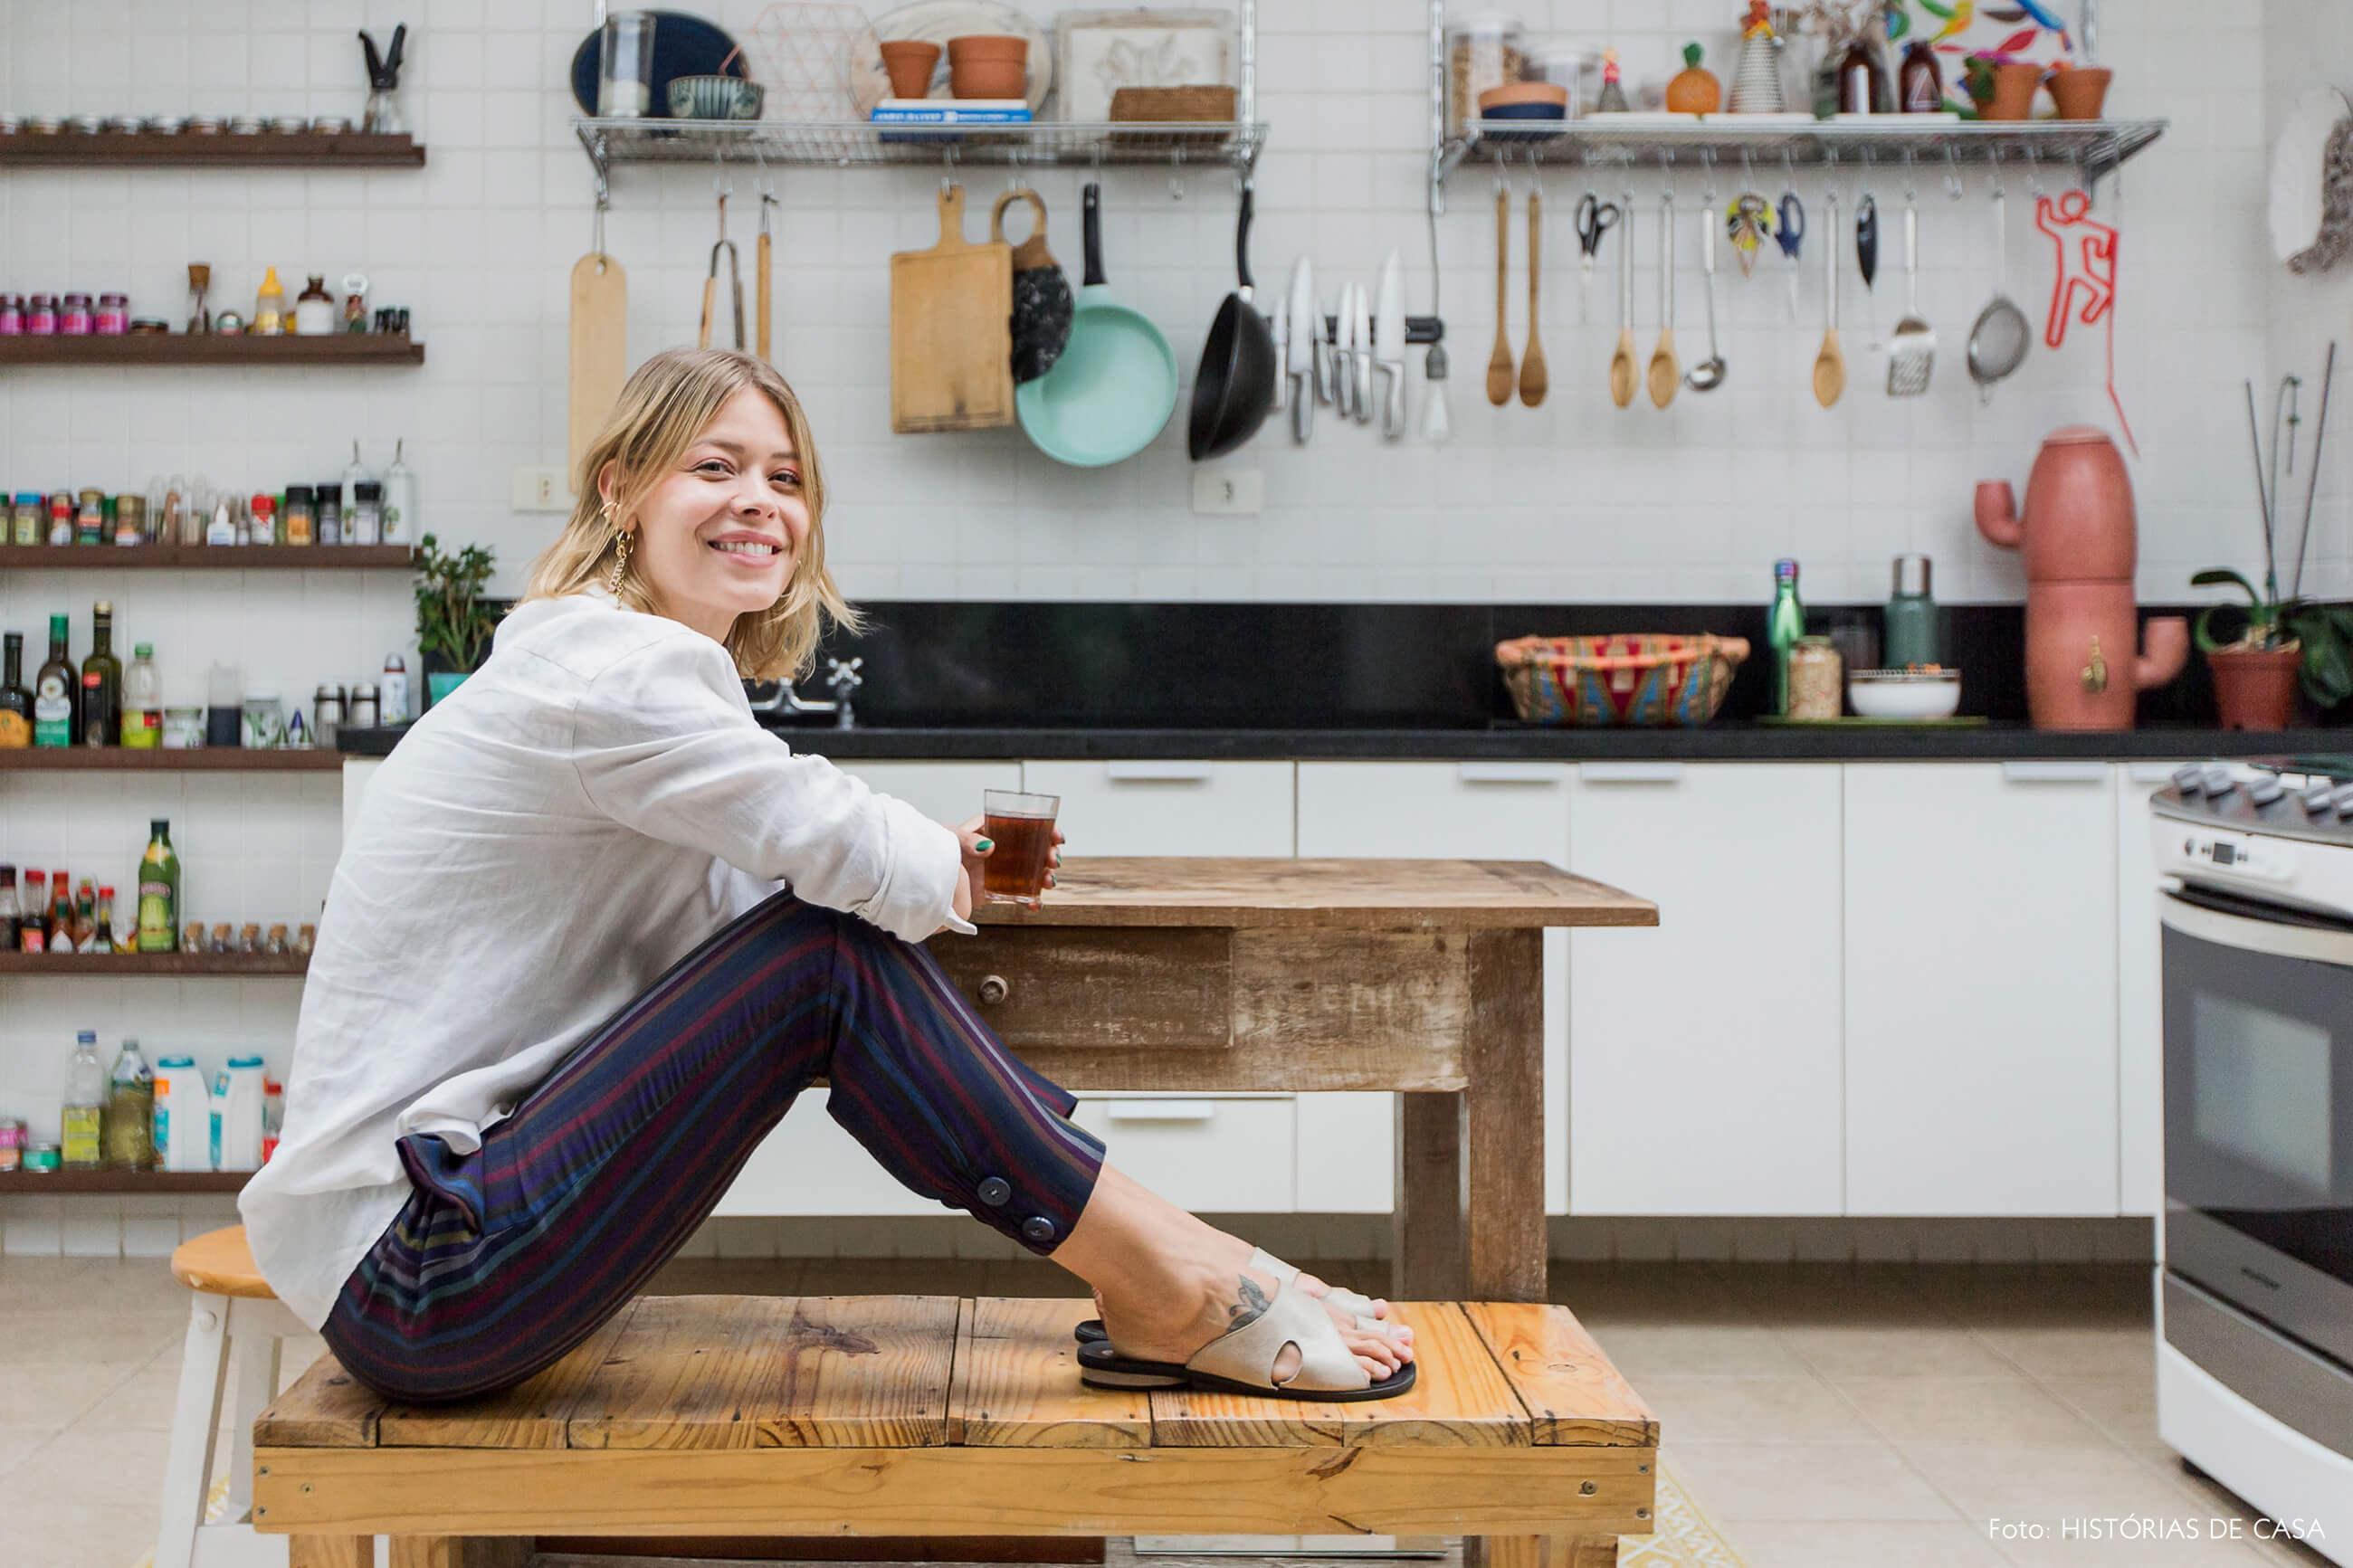 Cozinha com móveis simples, mesa e banco de madeira de demolição